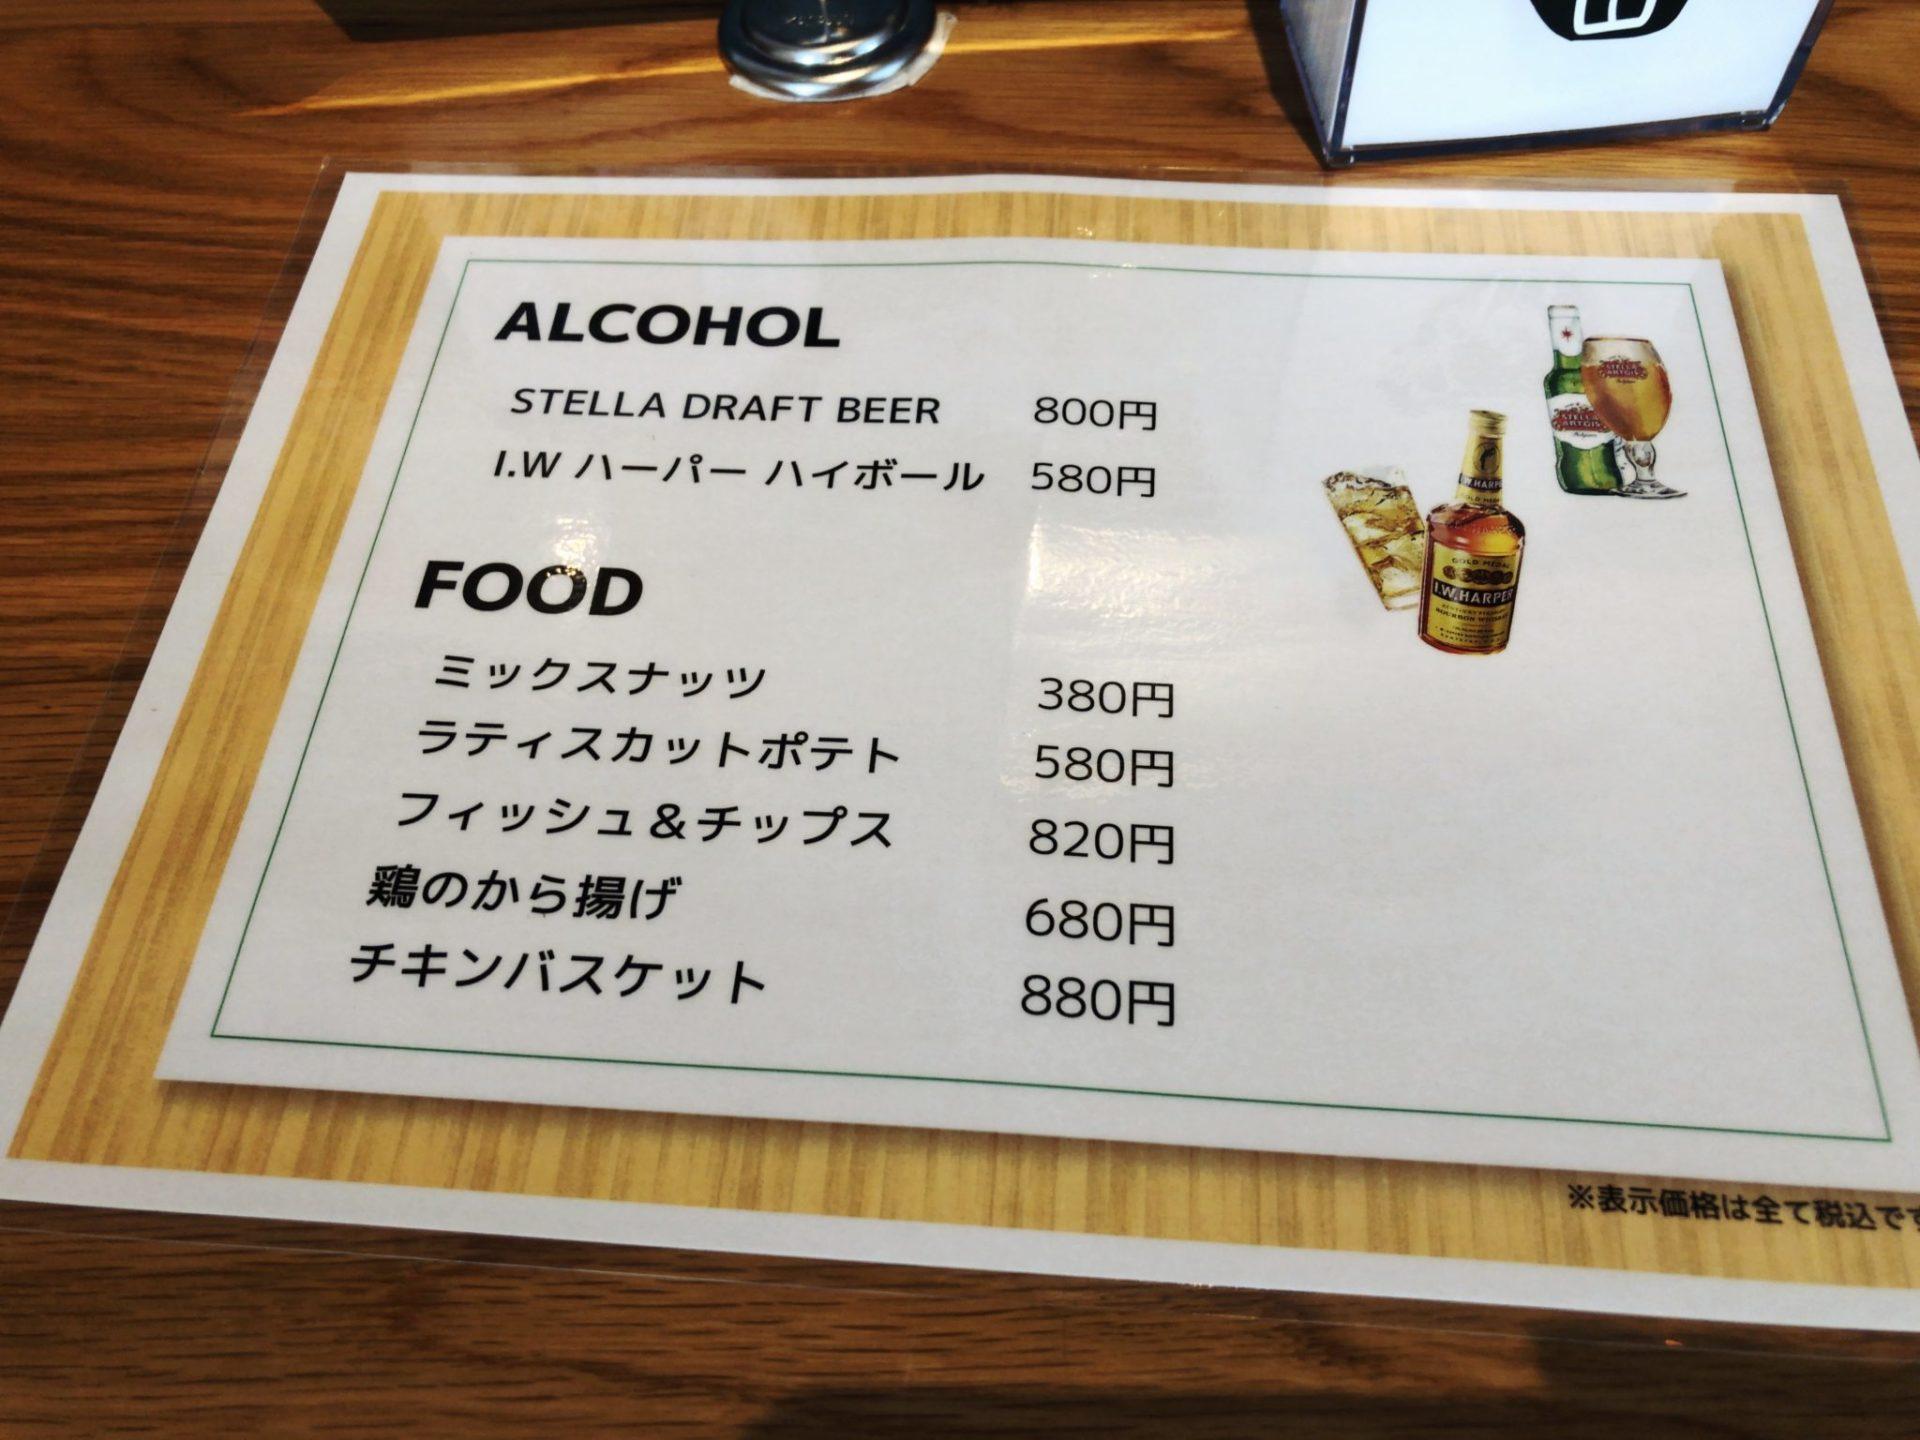 コッペんどっと 三軒茶屋店のアルコールメニュー